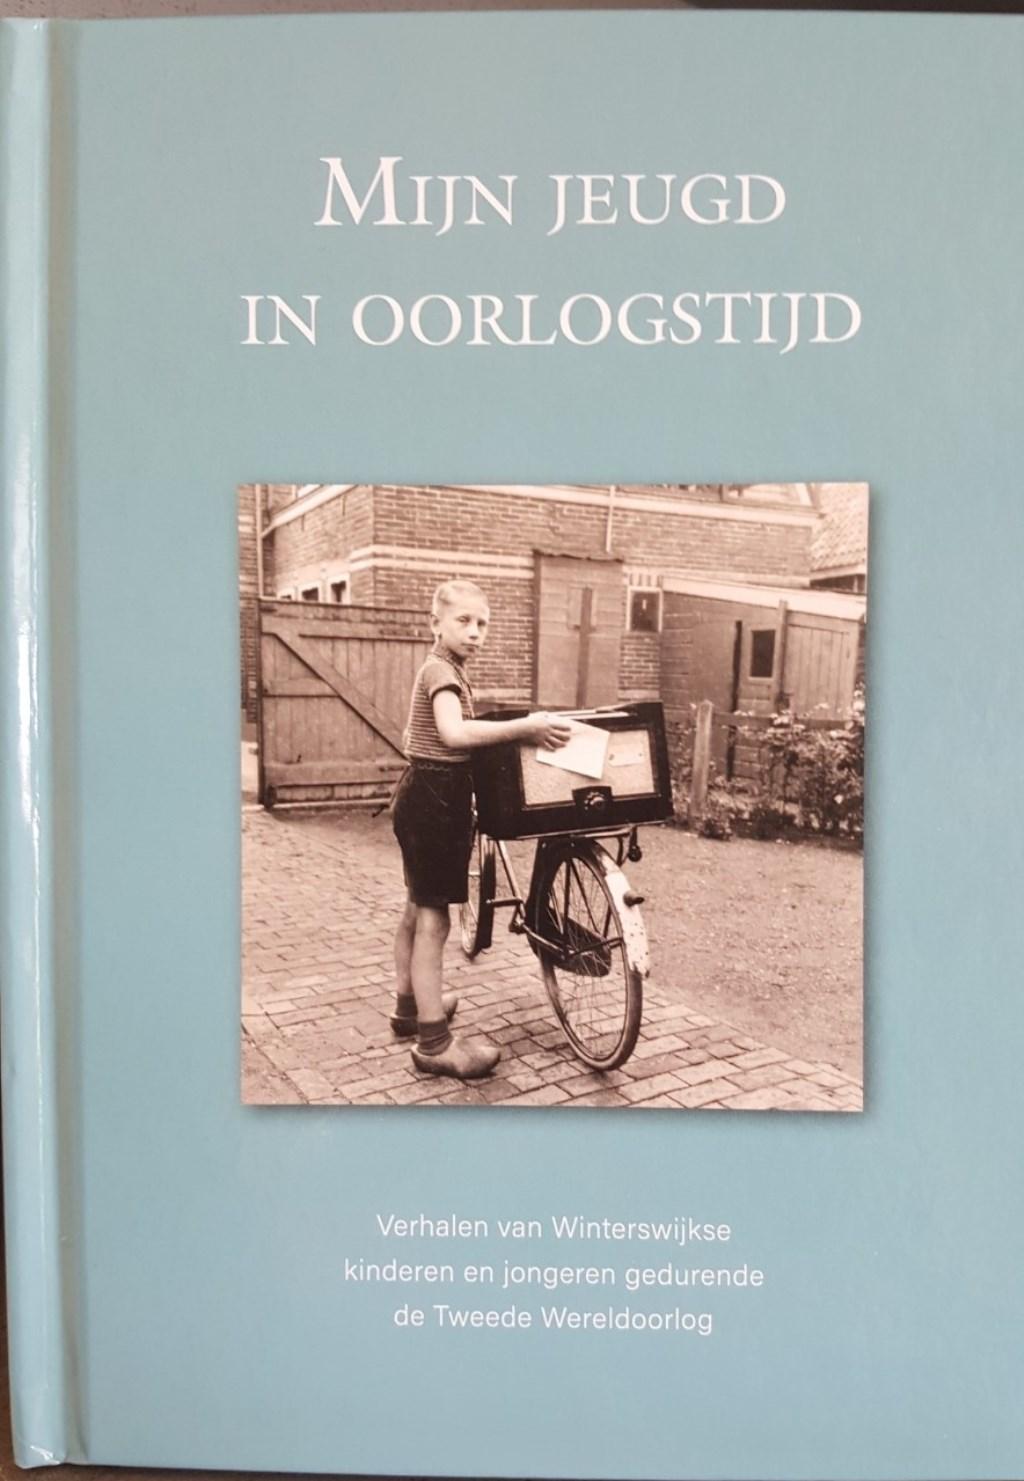 Boek 'Mijn jeugd in oorlogstijd' verkrijgbaar. Foto: PR  © Achterhoek Nieuws b.v.